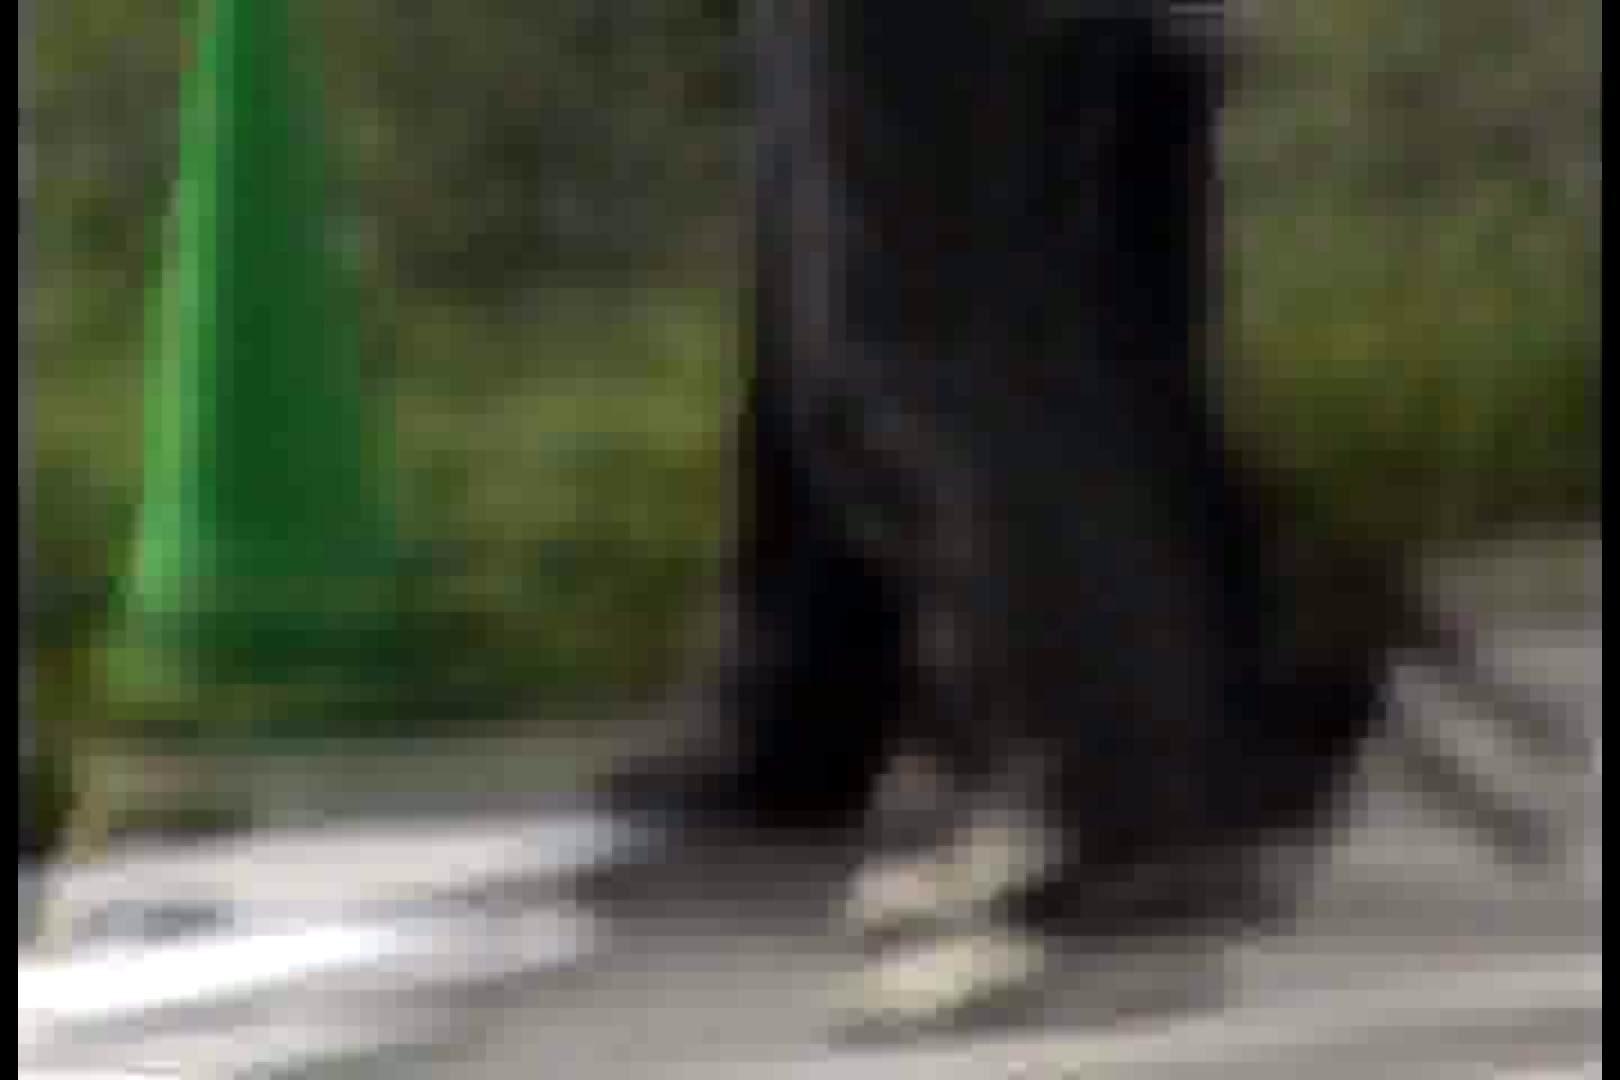 RQカメラ地獄Vol.1 盗撮師作品   チラ歓迎  75pic 13